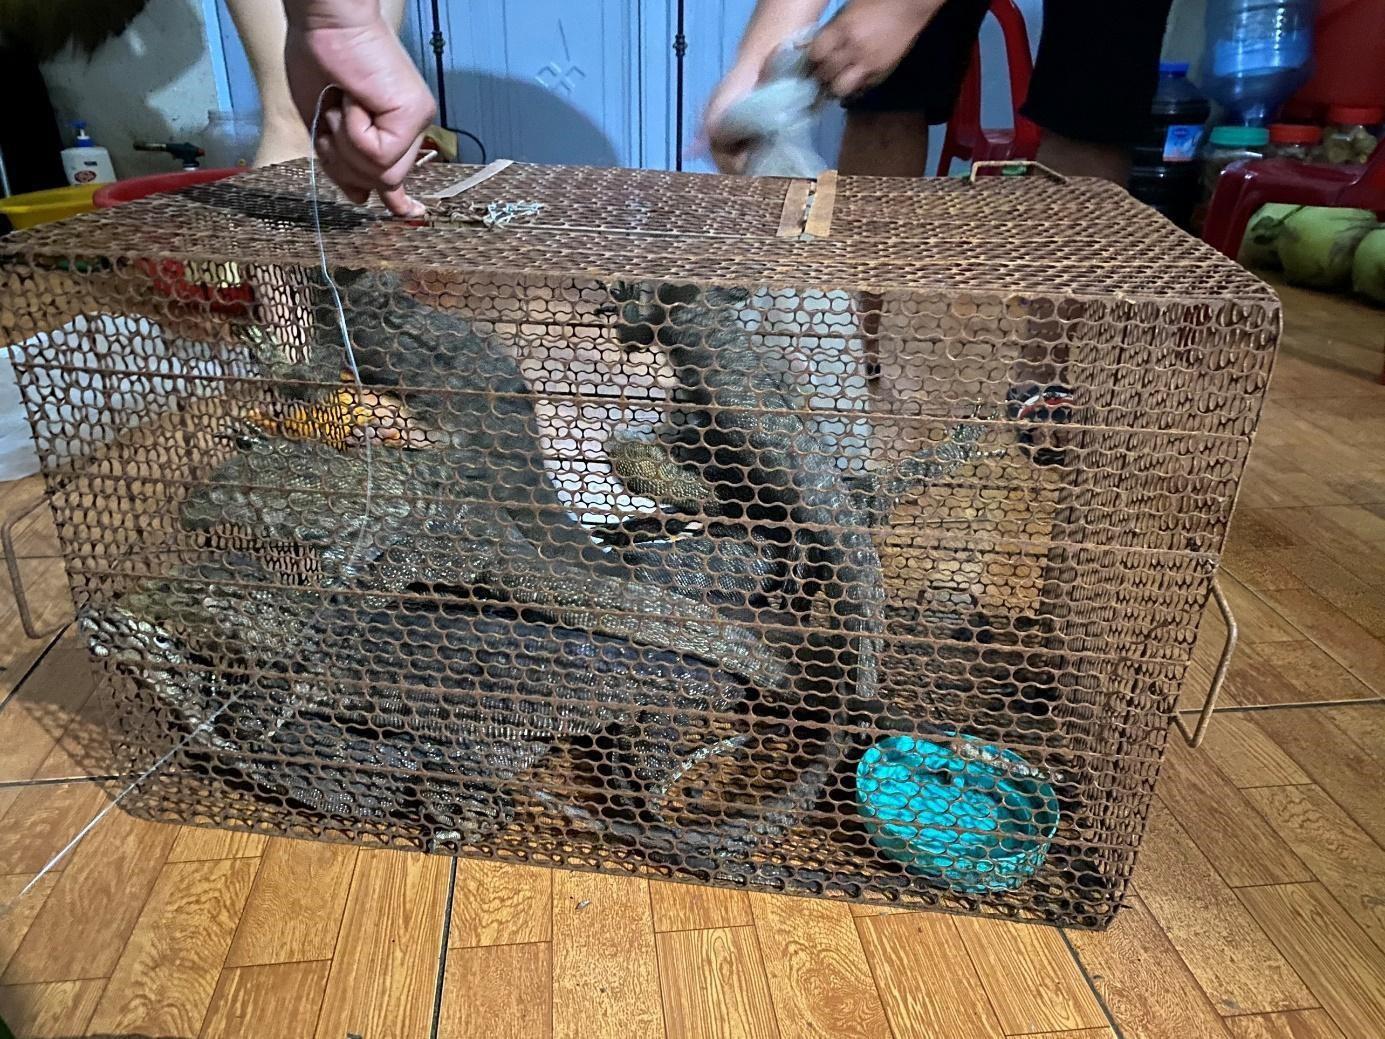 Bị phạt hơn một tỷ đồng vì trong nhà có 8 con kỳ đà - 1